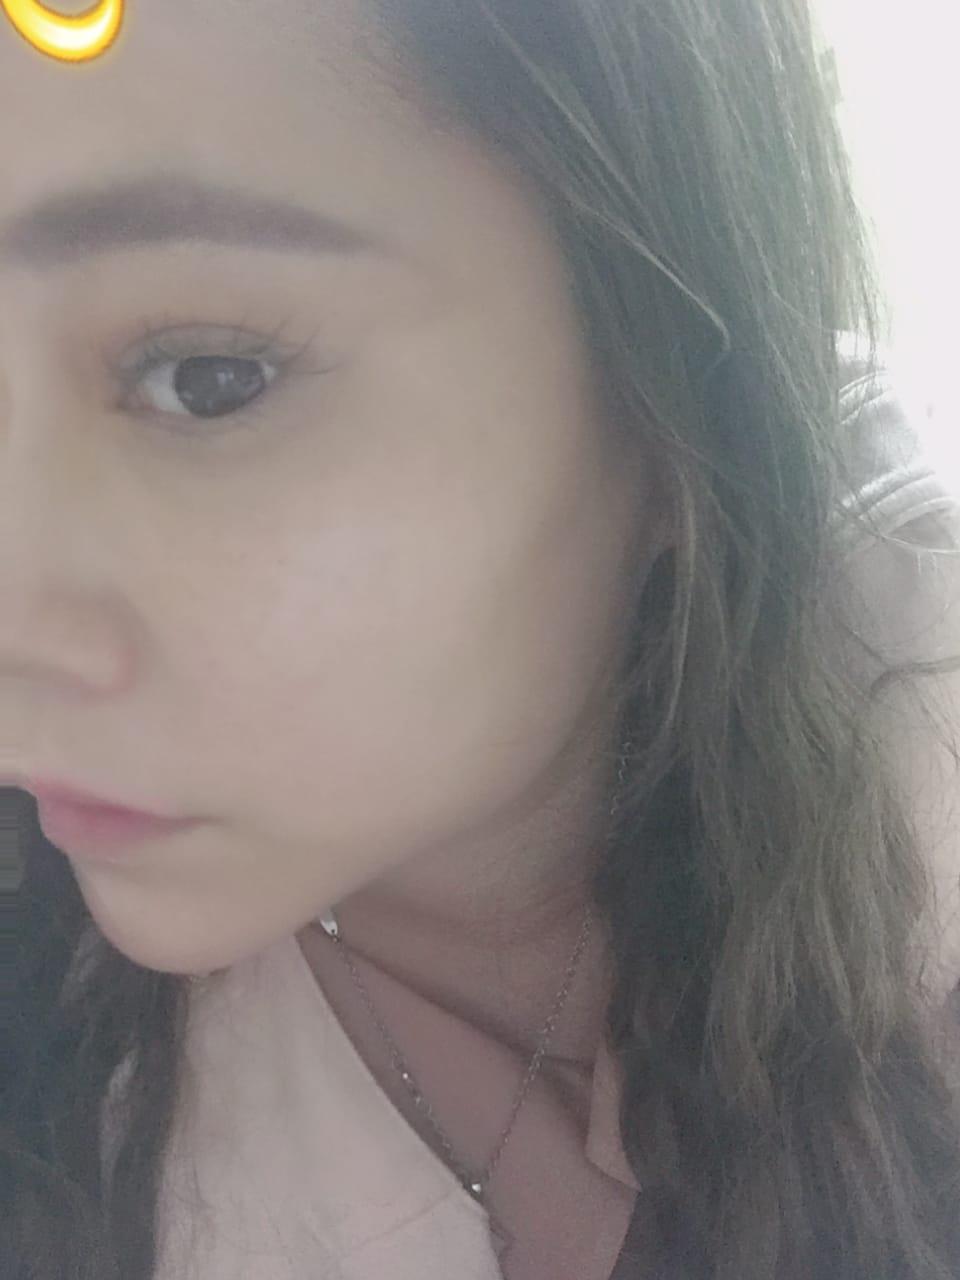 「居酒屋行きたいよ」05/06(05/06) 23:43 | とあの写メ・風俗動画